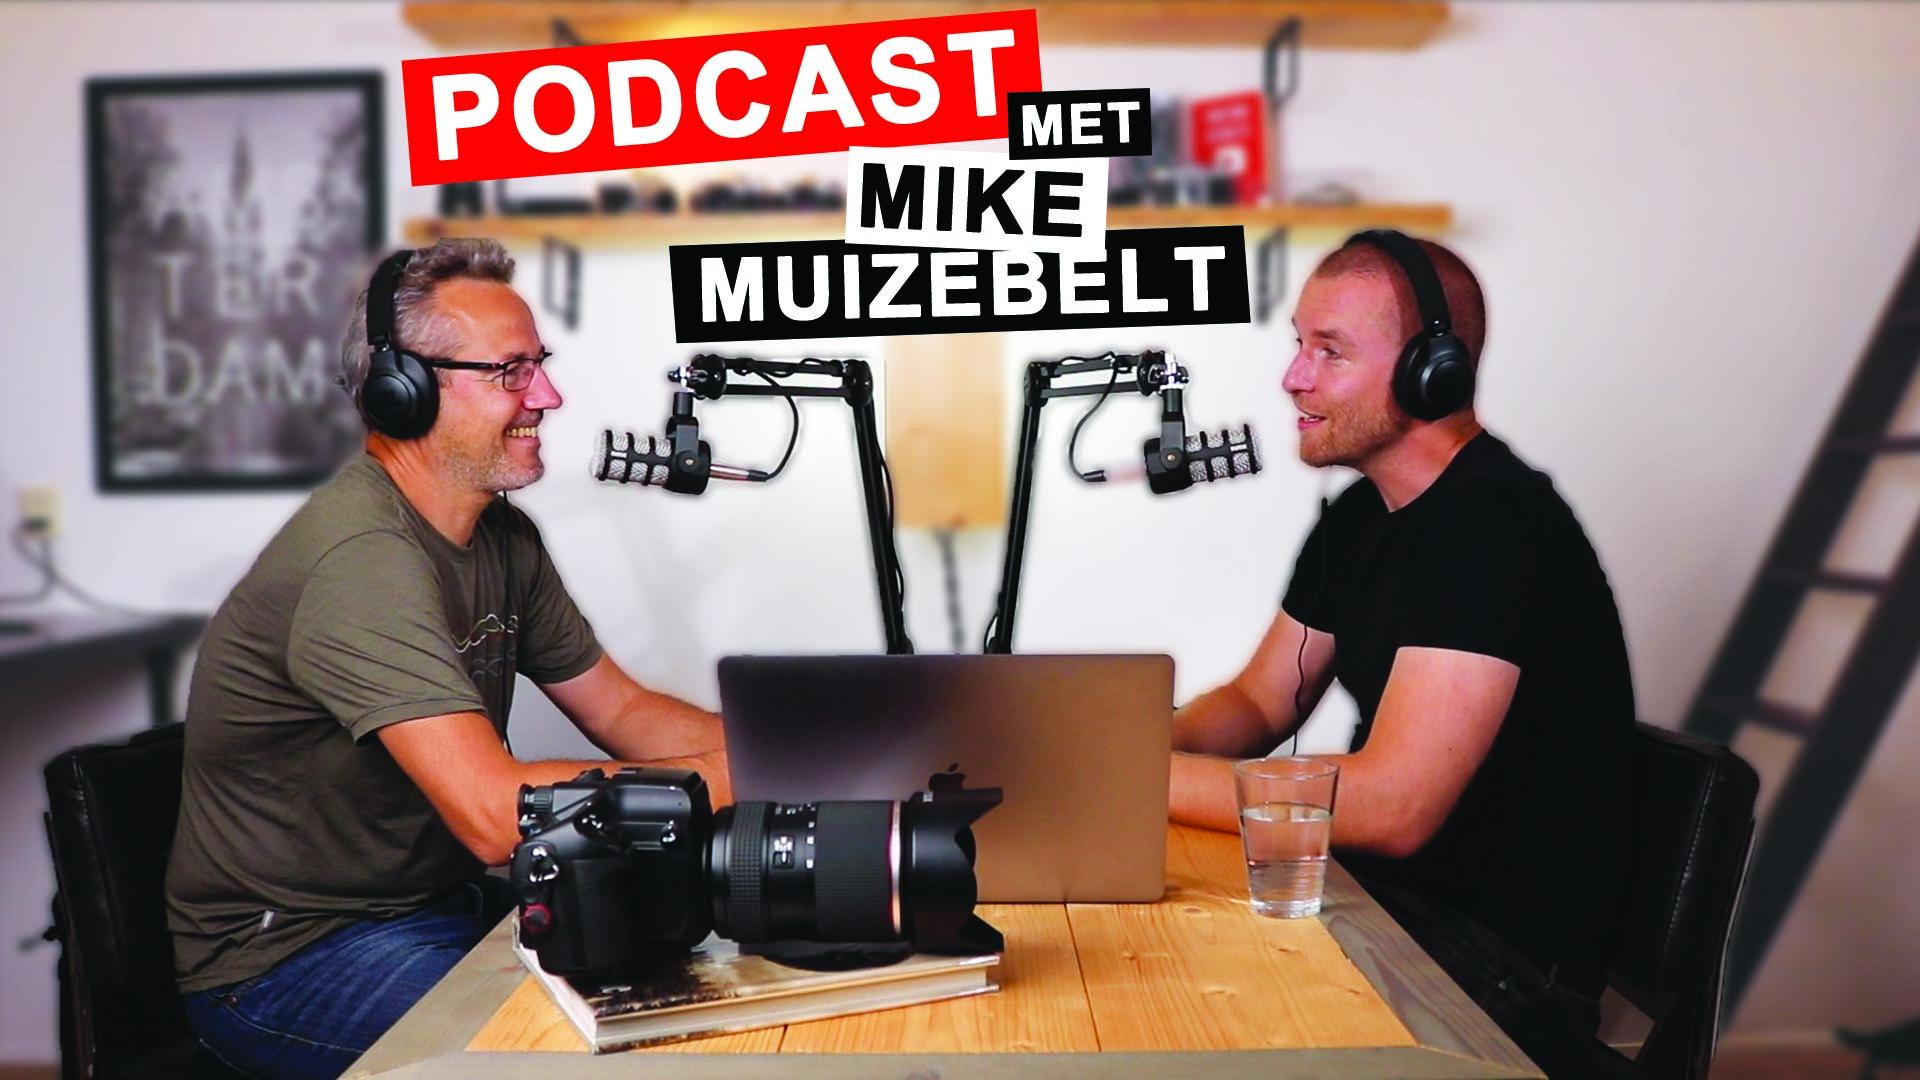 Mike Muizebelt – Wildlife- en landschapsfotograaf